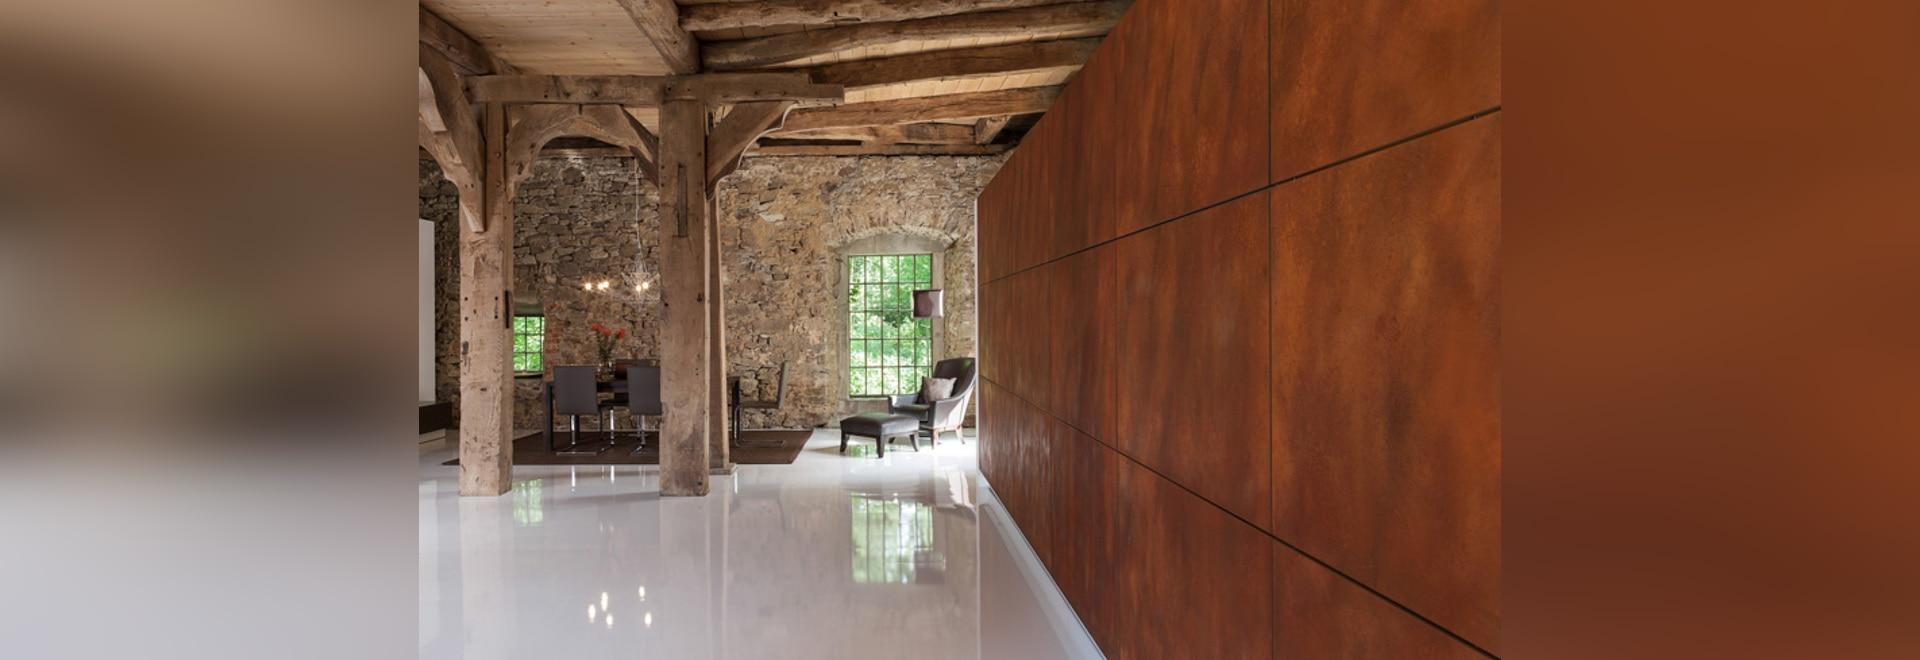 Diese Küche ist entworfen, am Stoß eines Knopfes weg versteckt zu ...